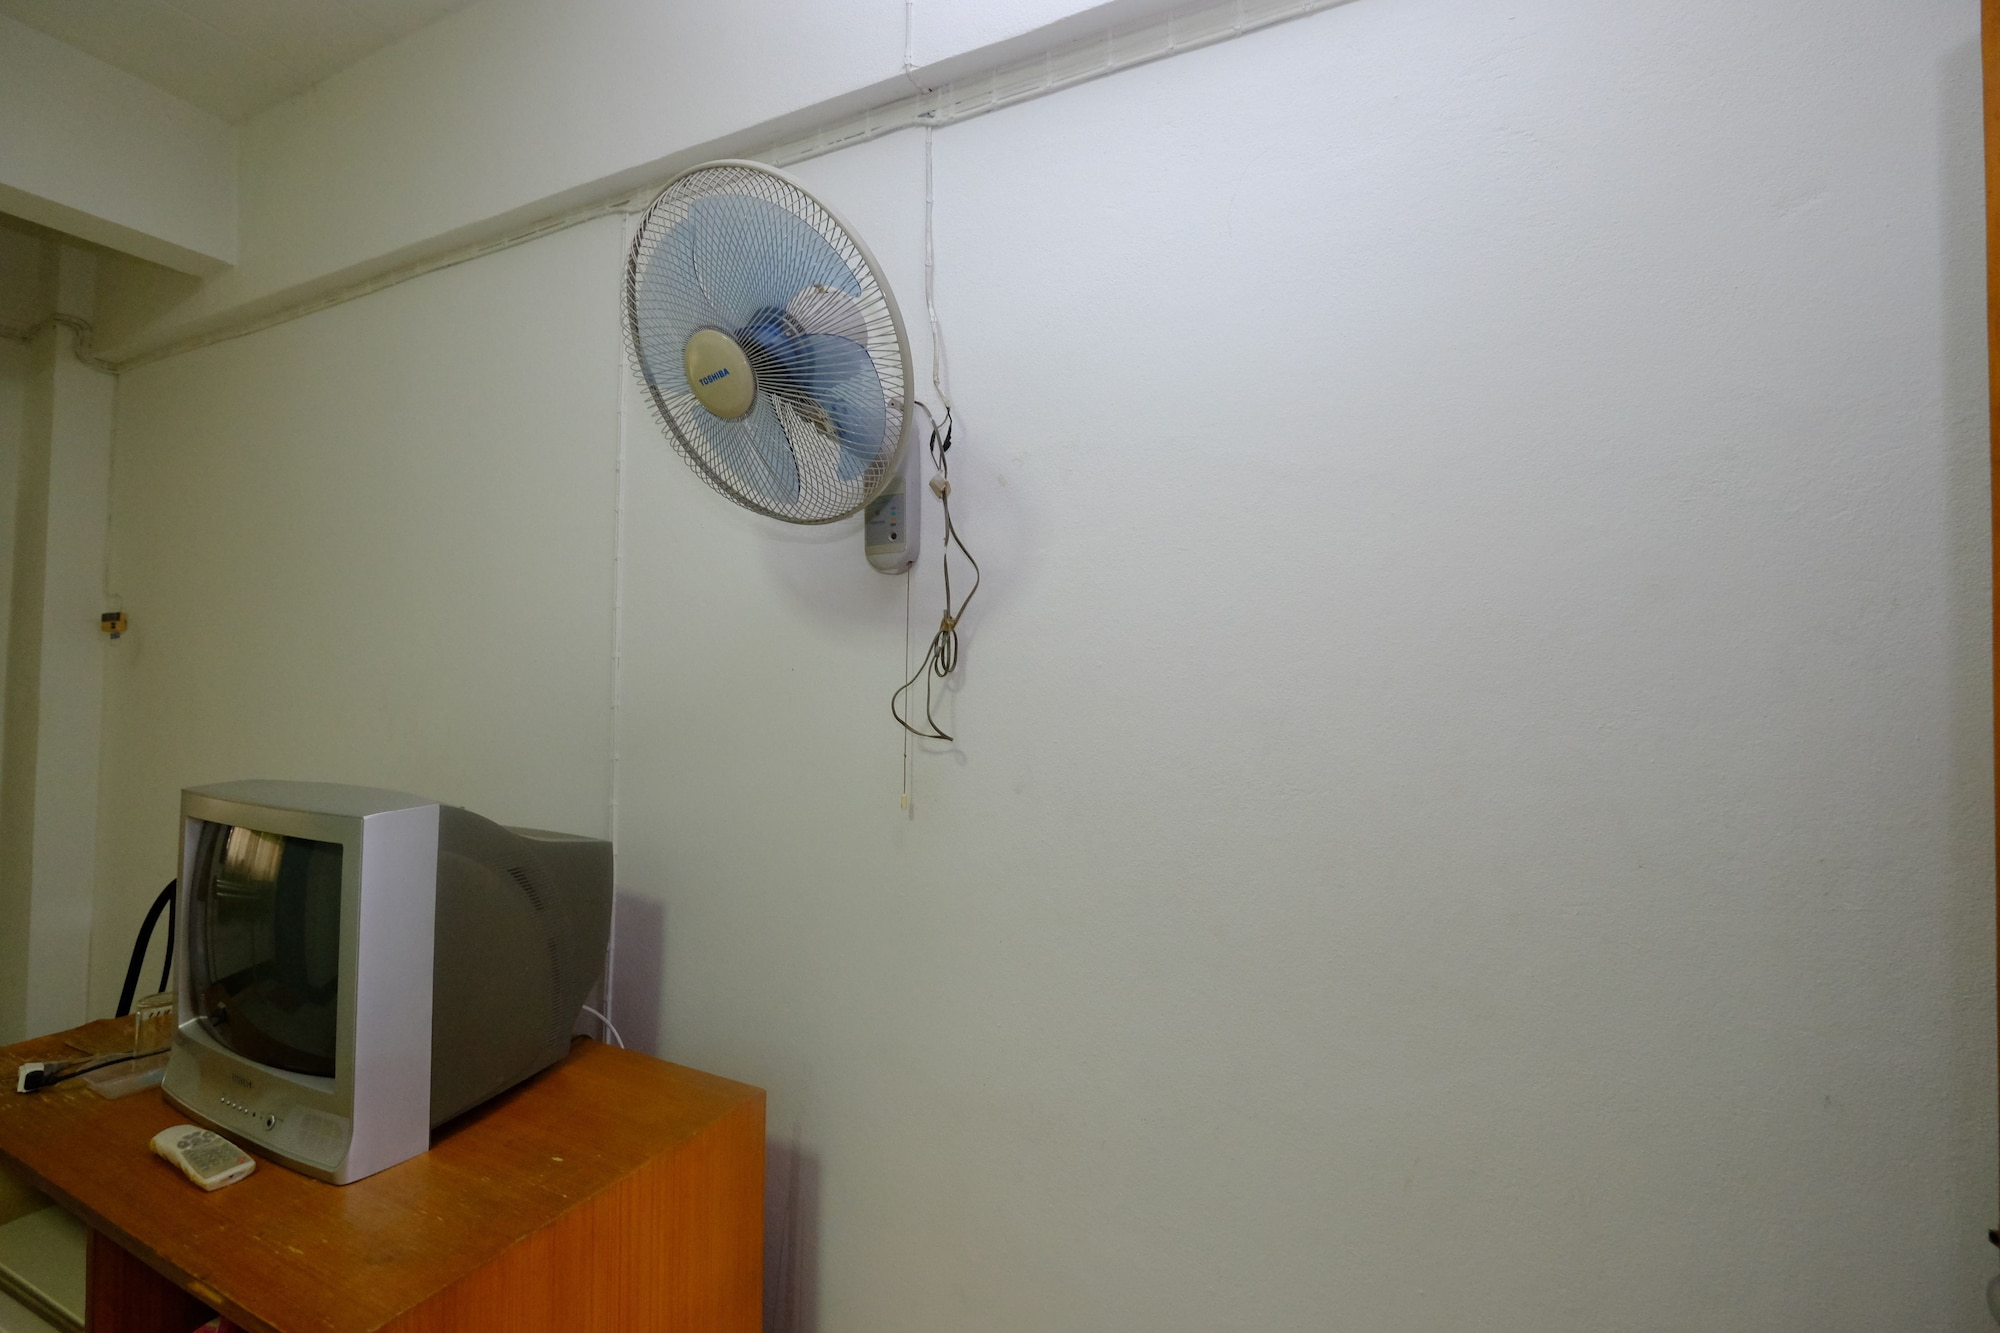 LP Apartment, Muang Sakon Nakhon